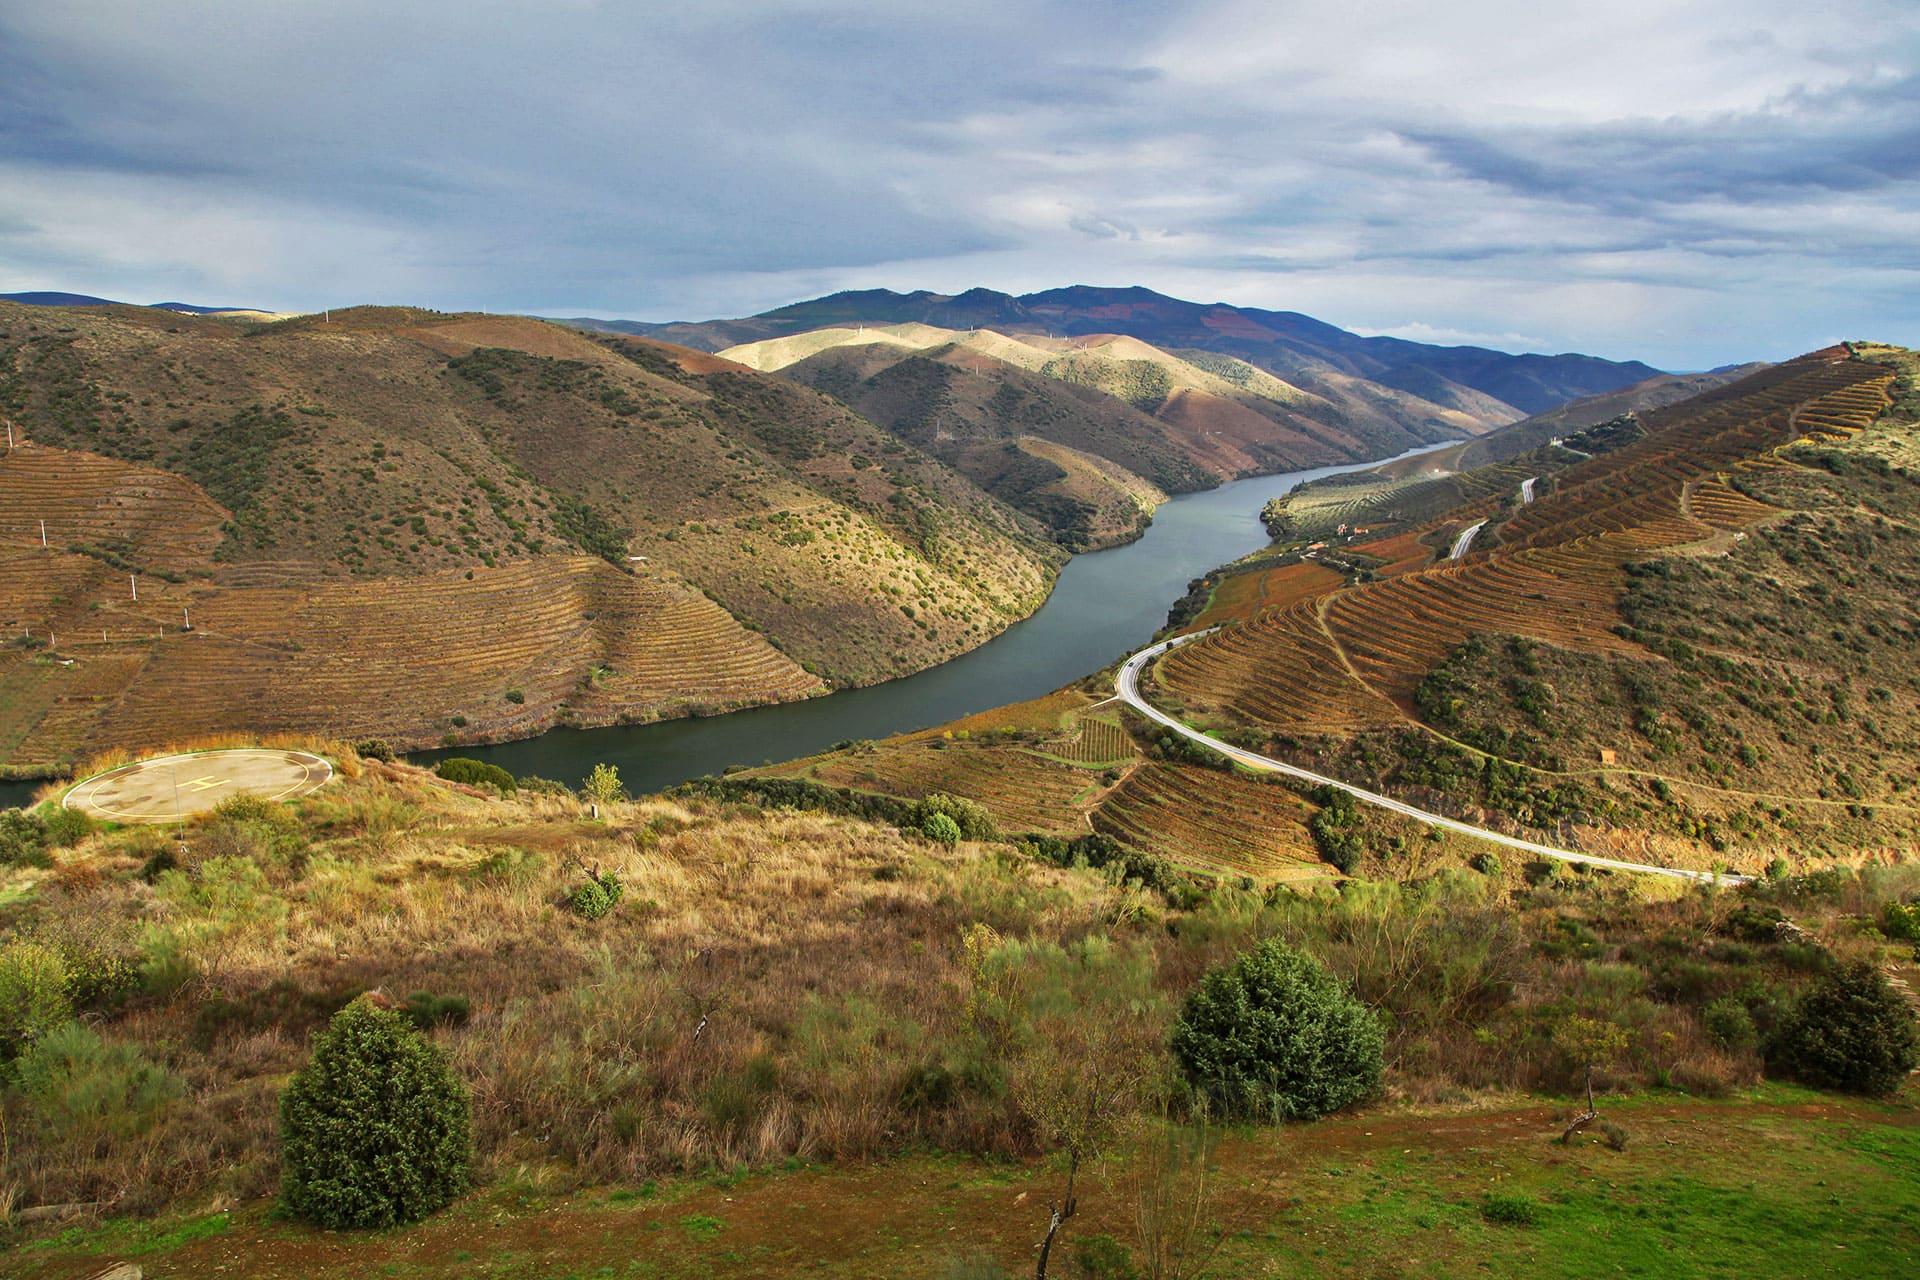 Mooiste plekken in Europa 2019 Portugal